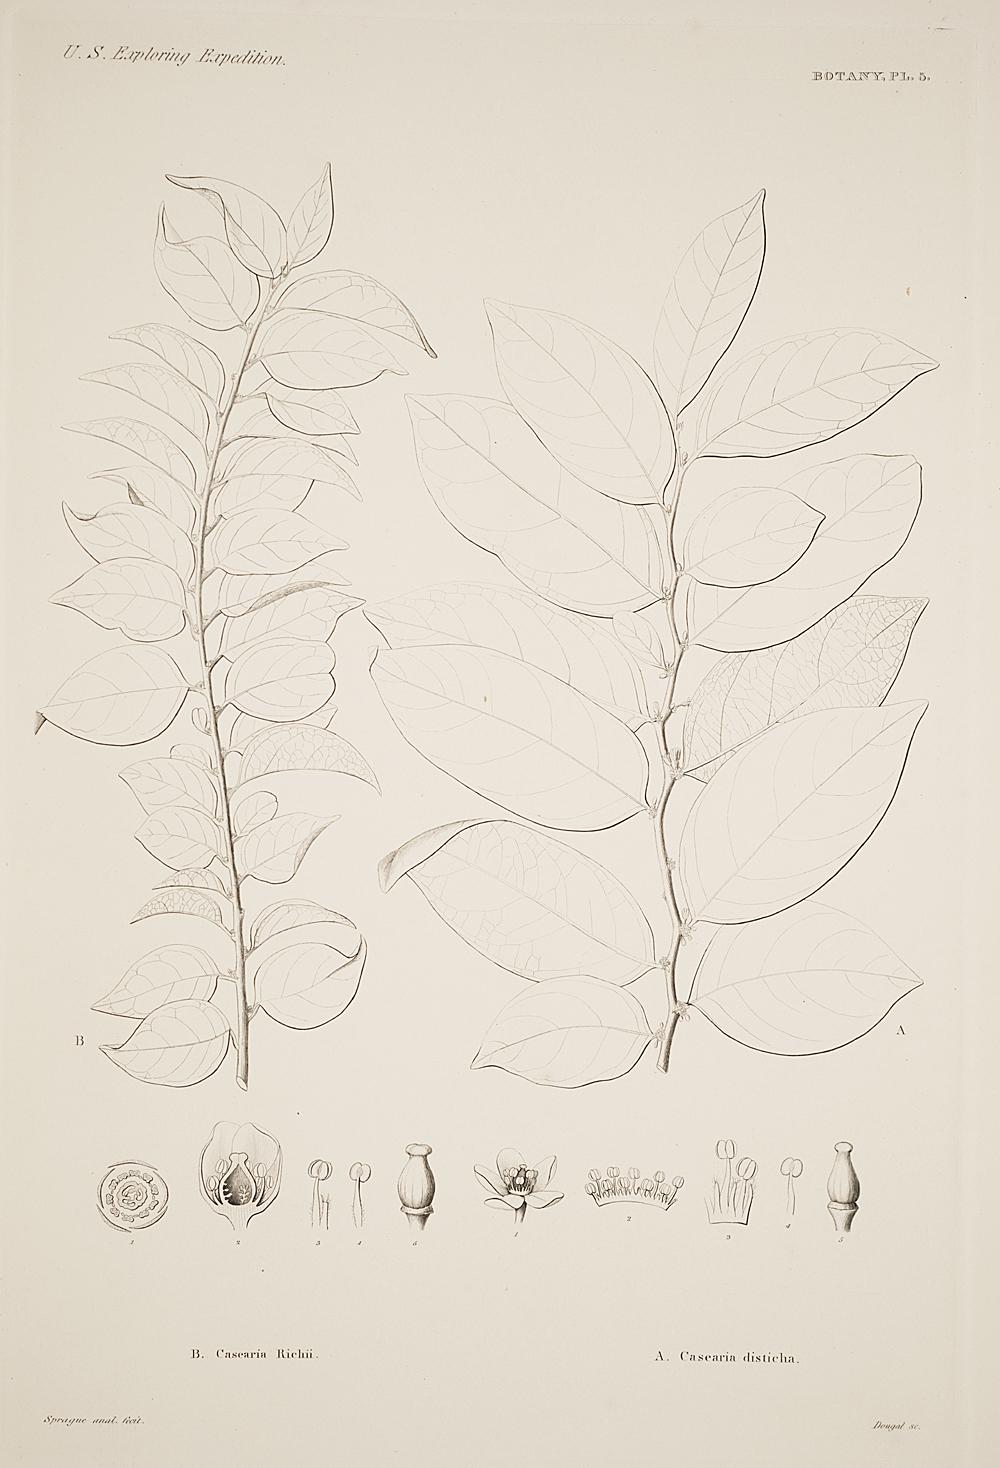 Botany, Pl. 5,  Image number:sil19-23-021b